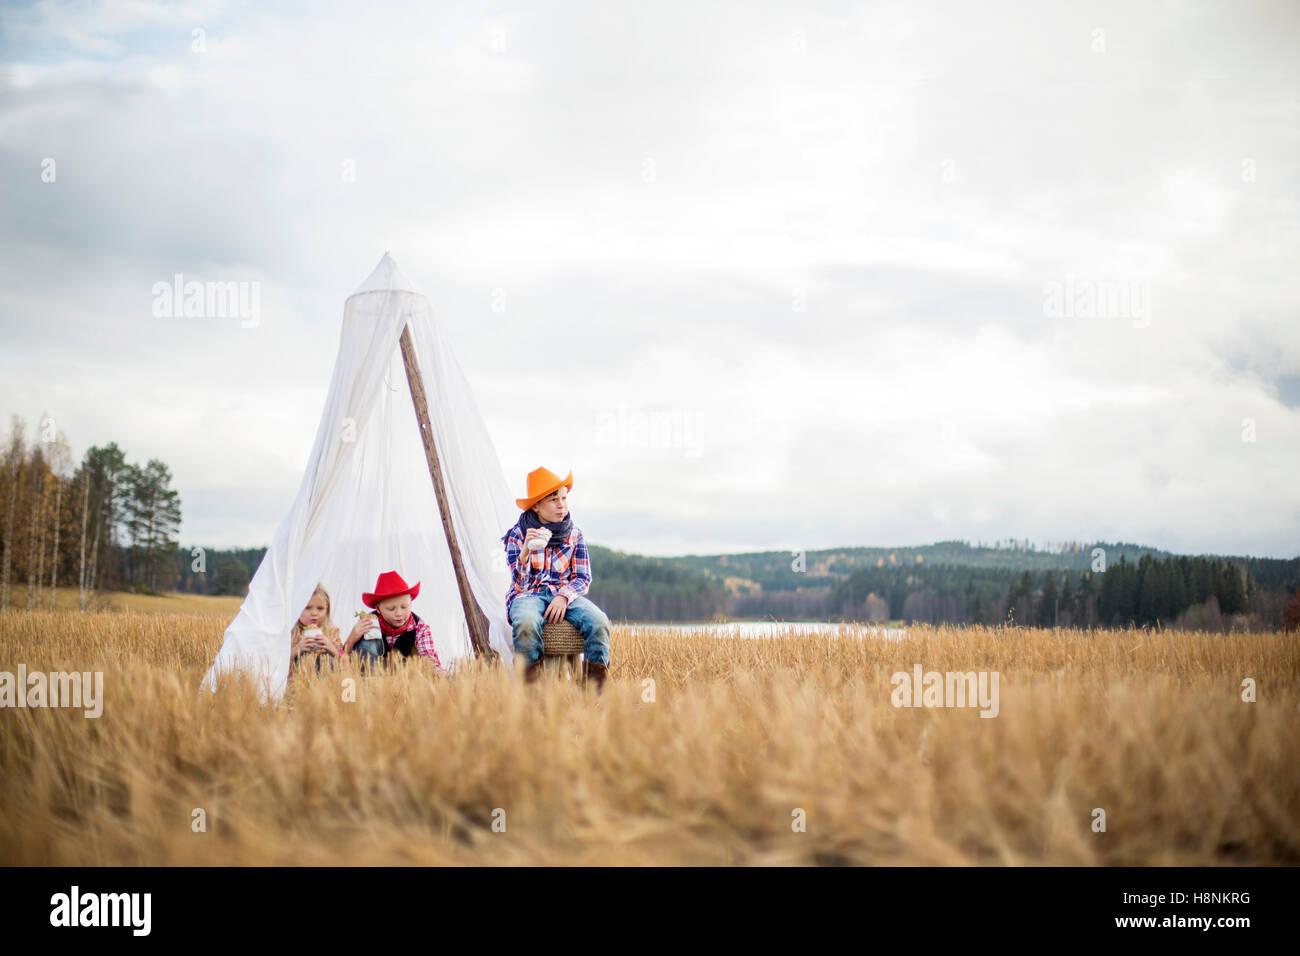 Enfants (8-9) portant des chapeaux de cow-boy sitting in tent Photo Stock